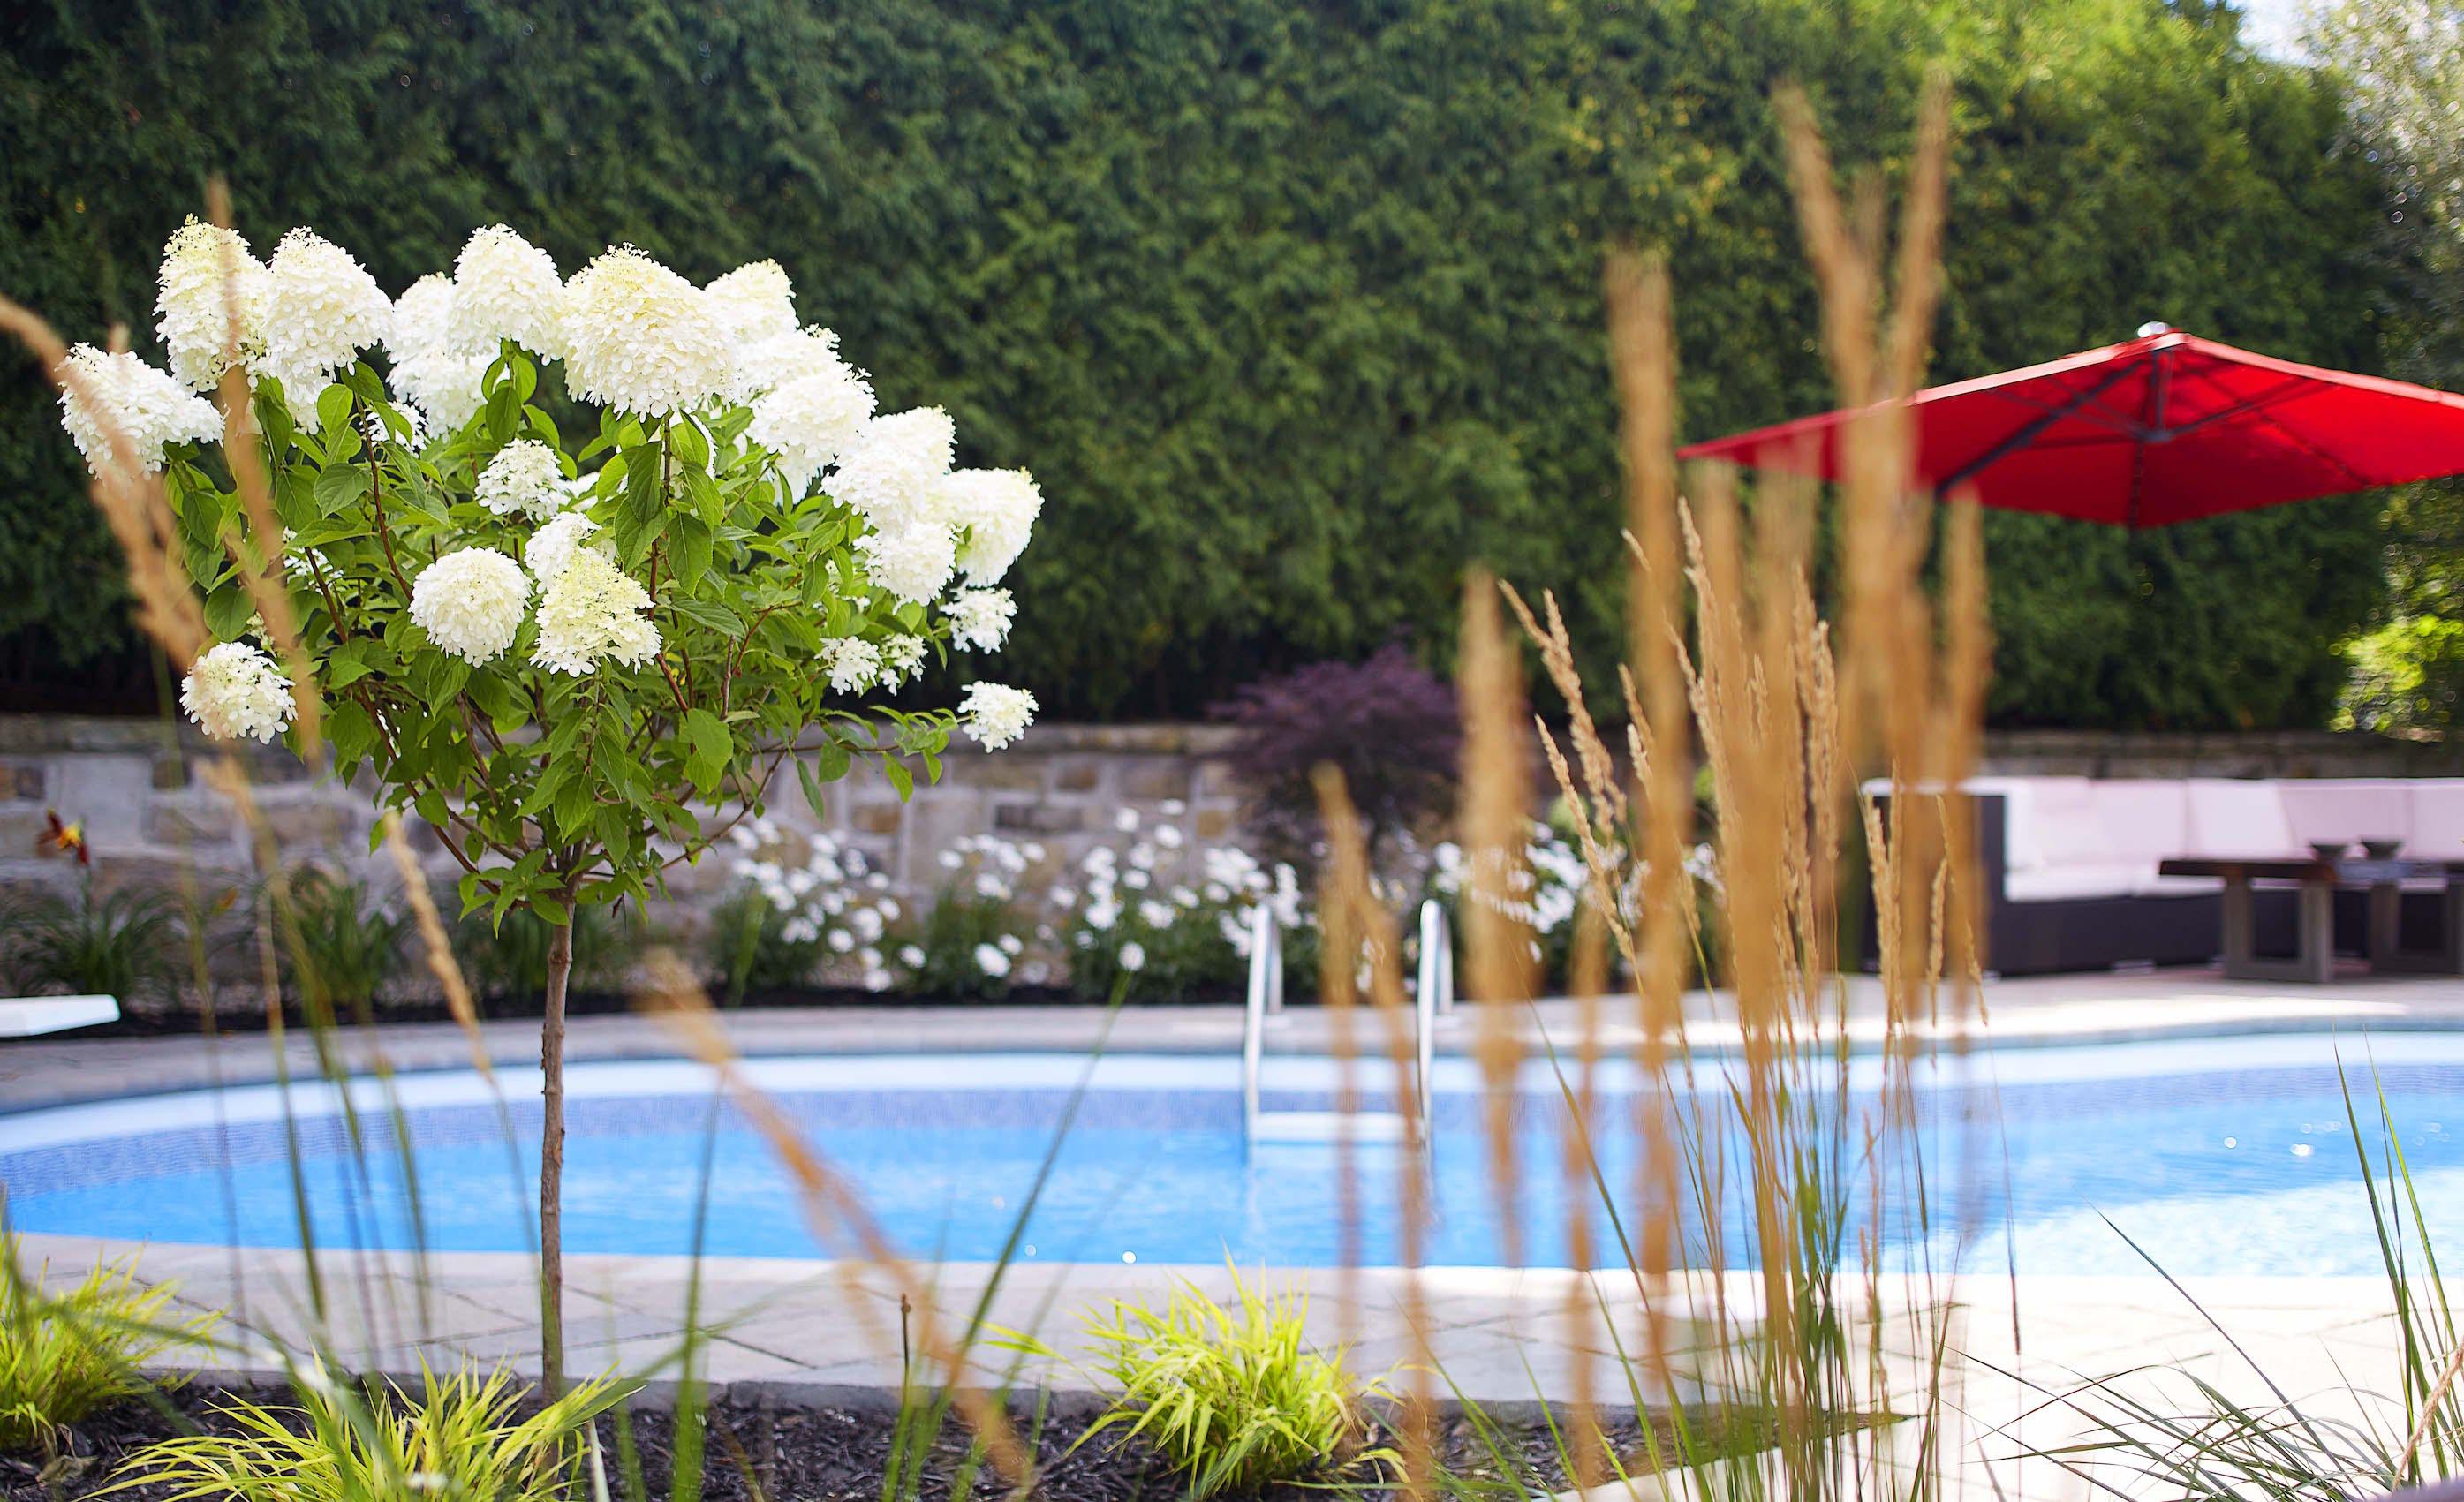 Aménagement extérieur comprenant une piscine et une zone repos, avec fleurs aménagées